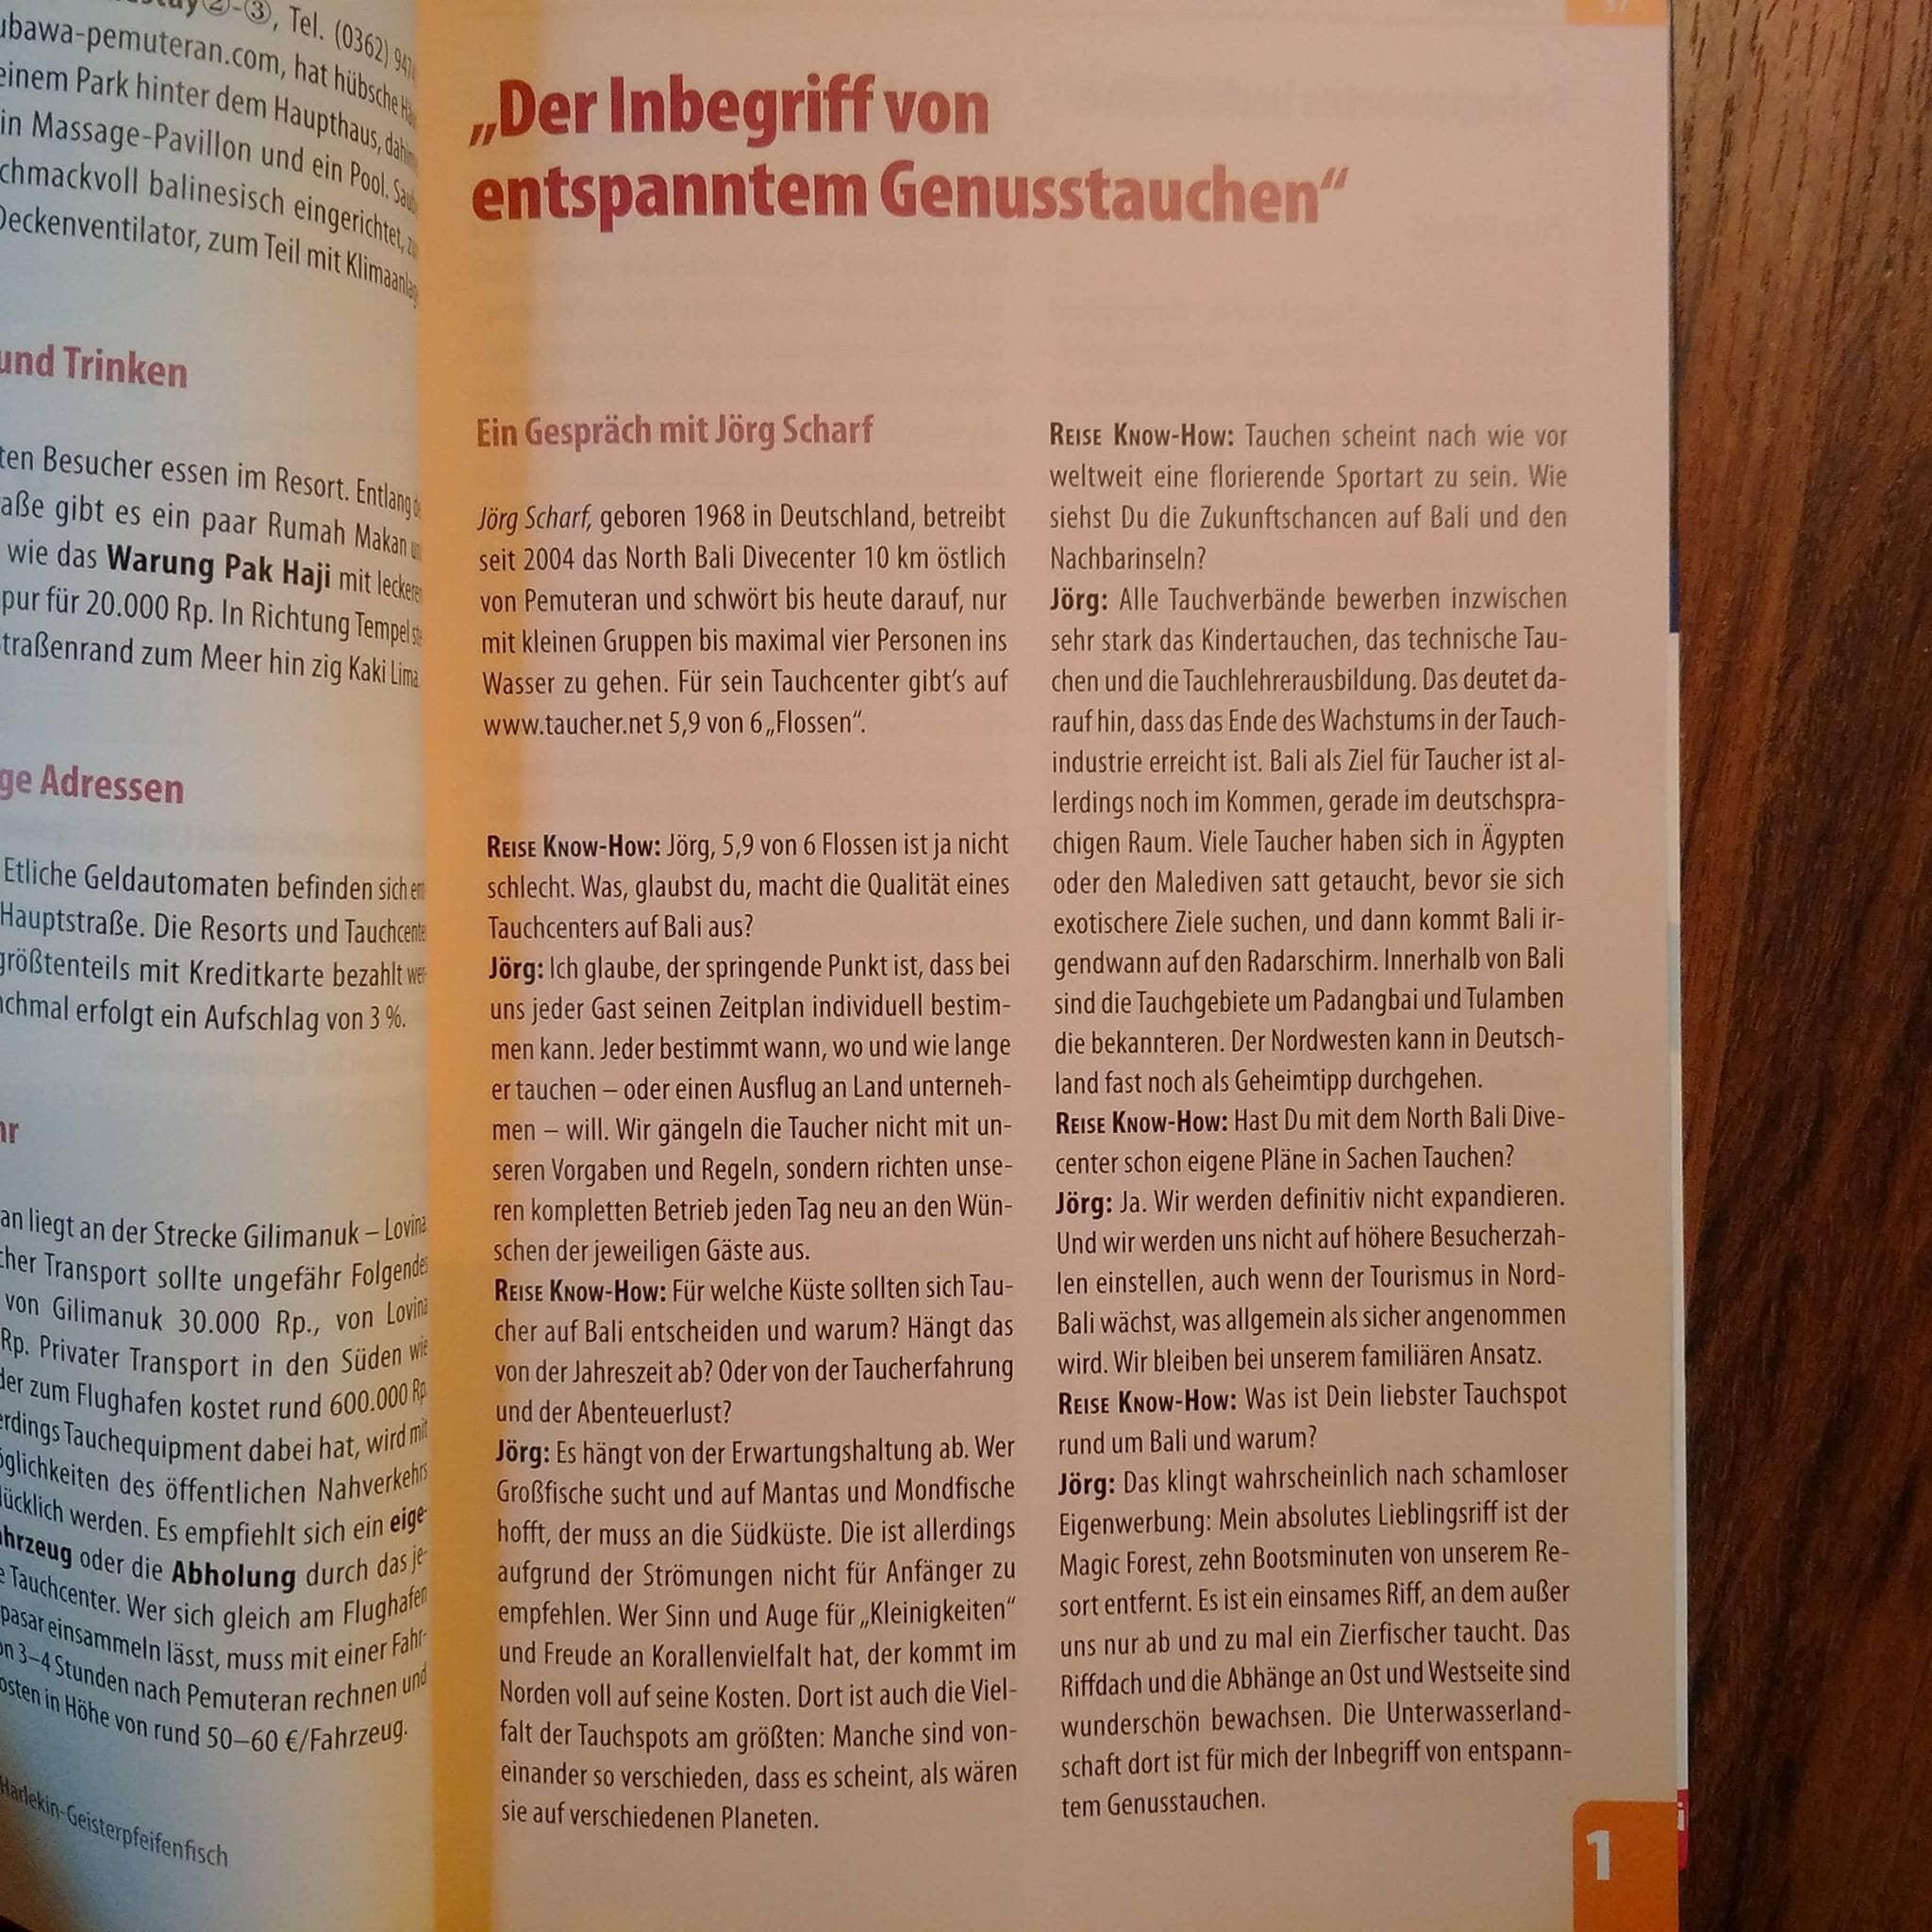 Auszug Bali Divecenter Artikel in einem Buch